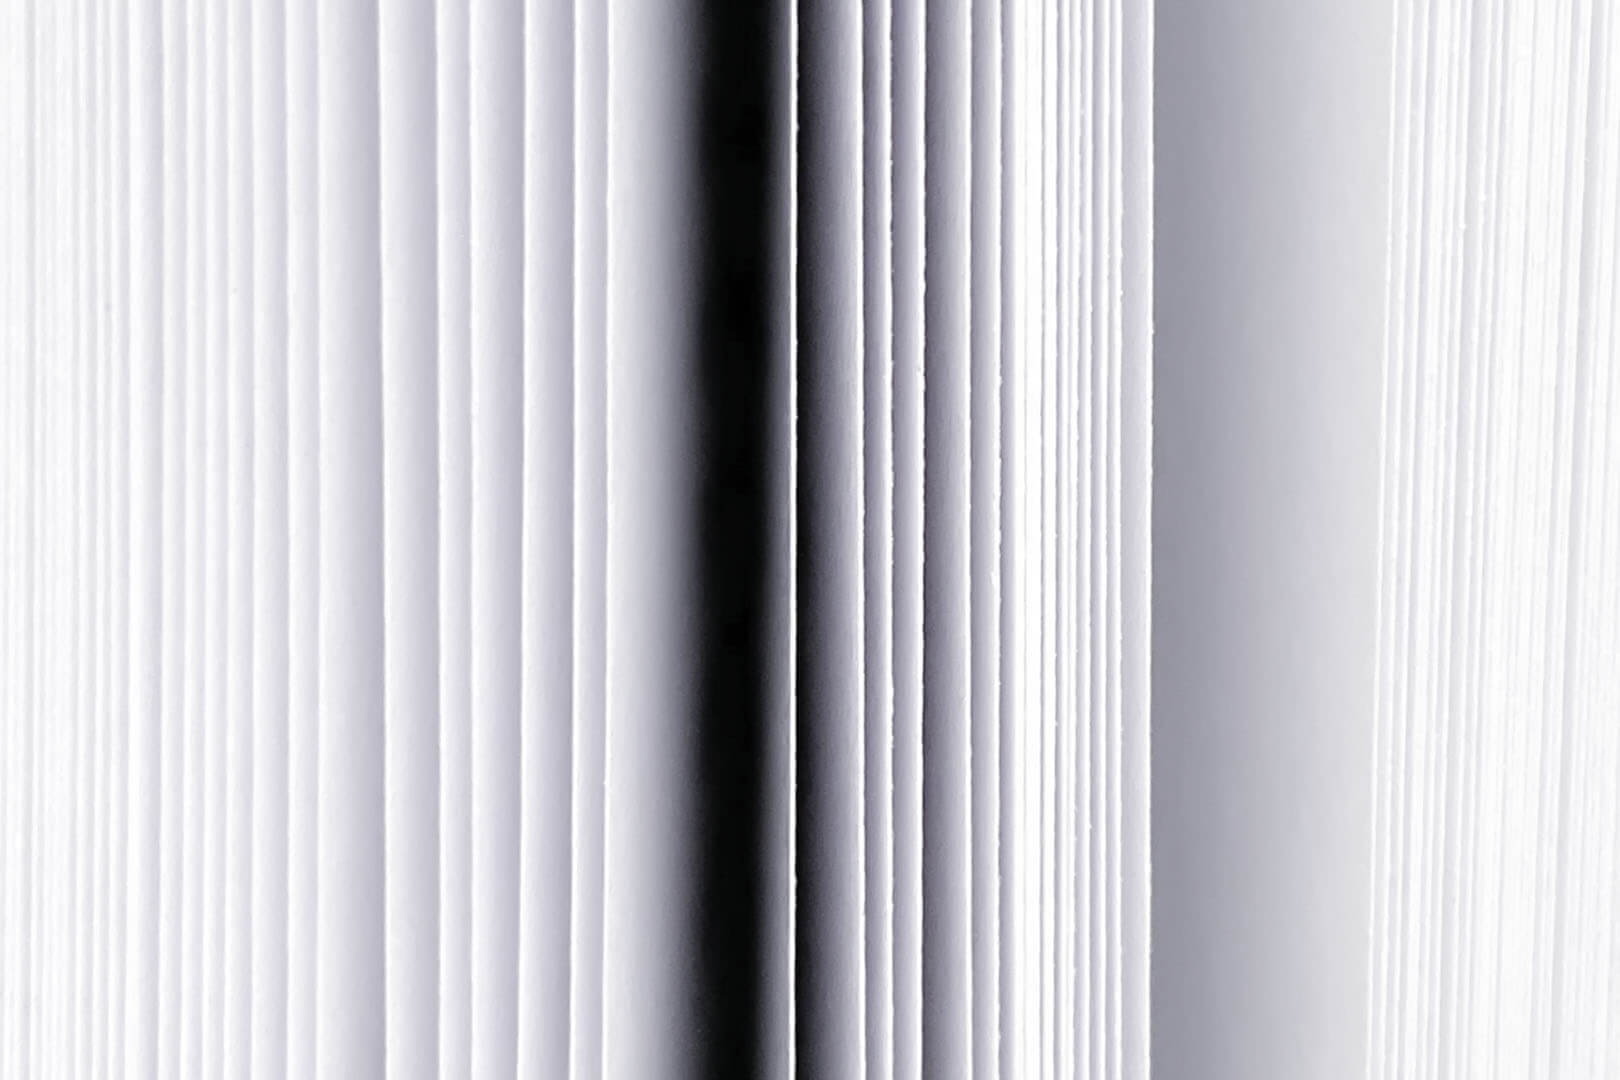 """Wnętrze książki """"W mgnieniu oka: sztuka montażu filmowego""""  Waltera Murcha"""